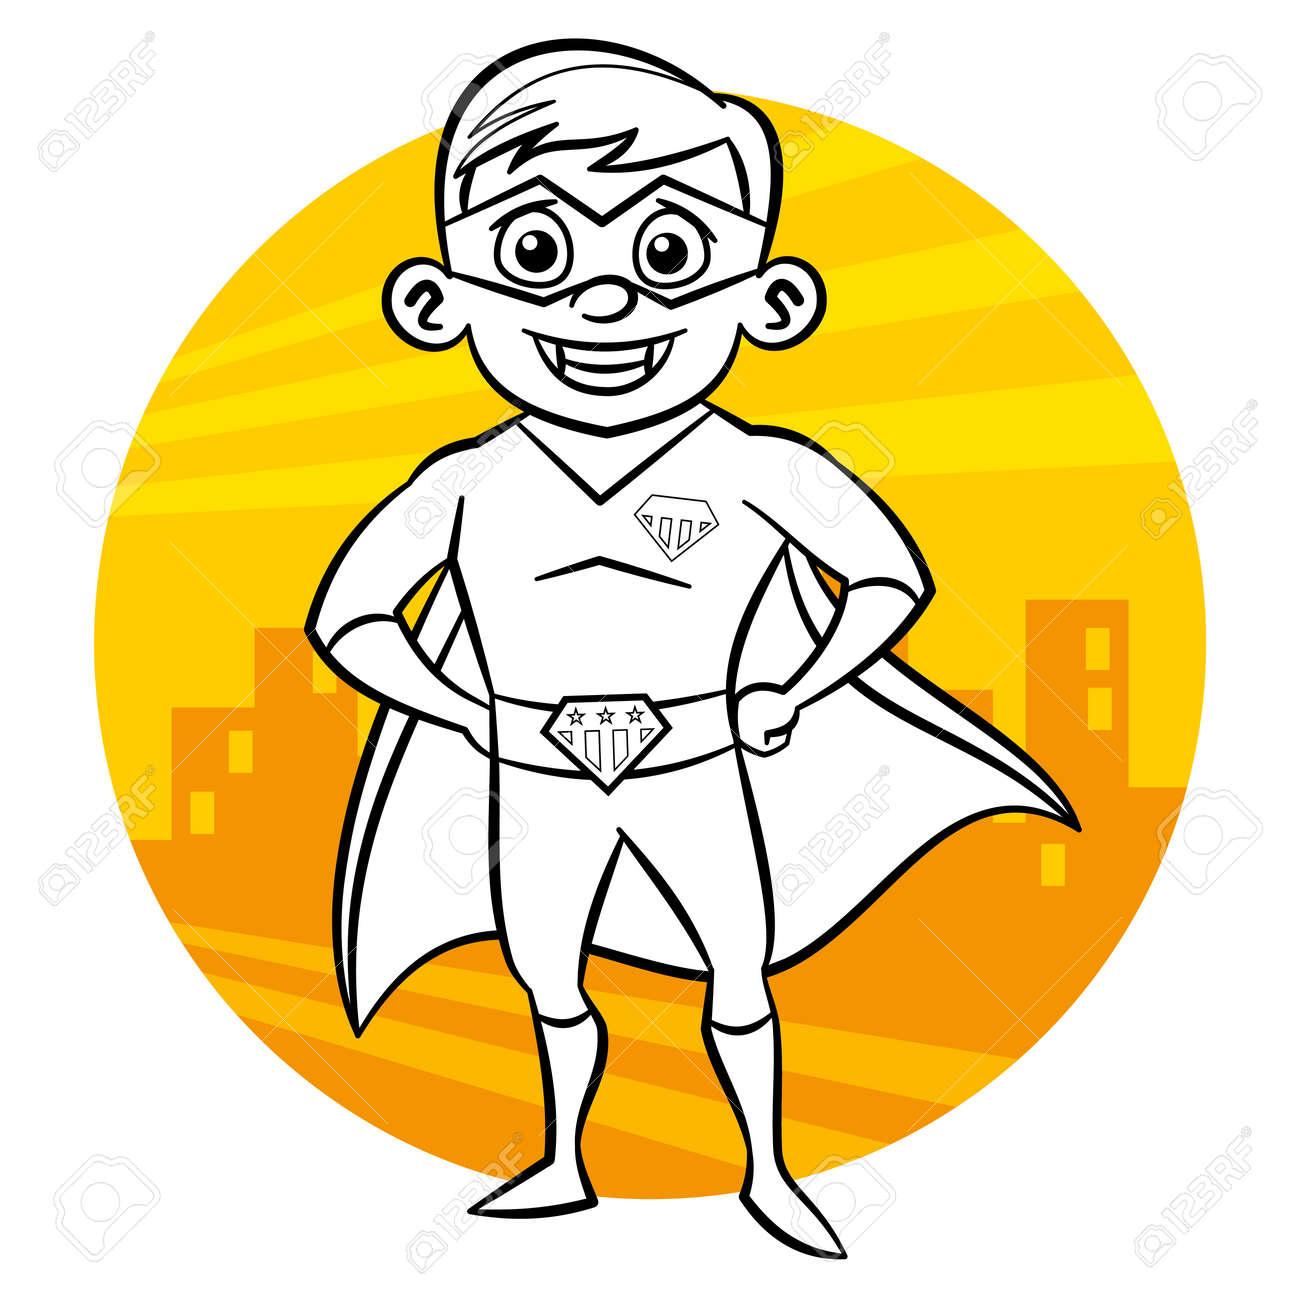 Superhero Malvorlagen. Comic-Figur Isoliert Auf Weißem Hintergrund ...